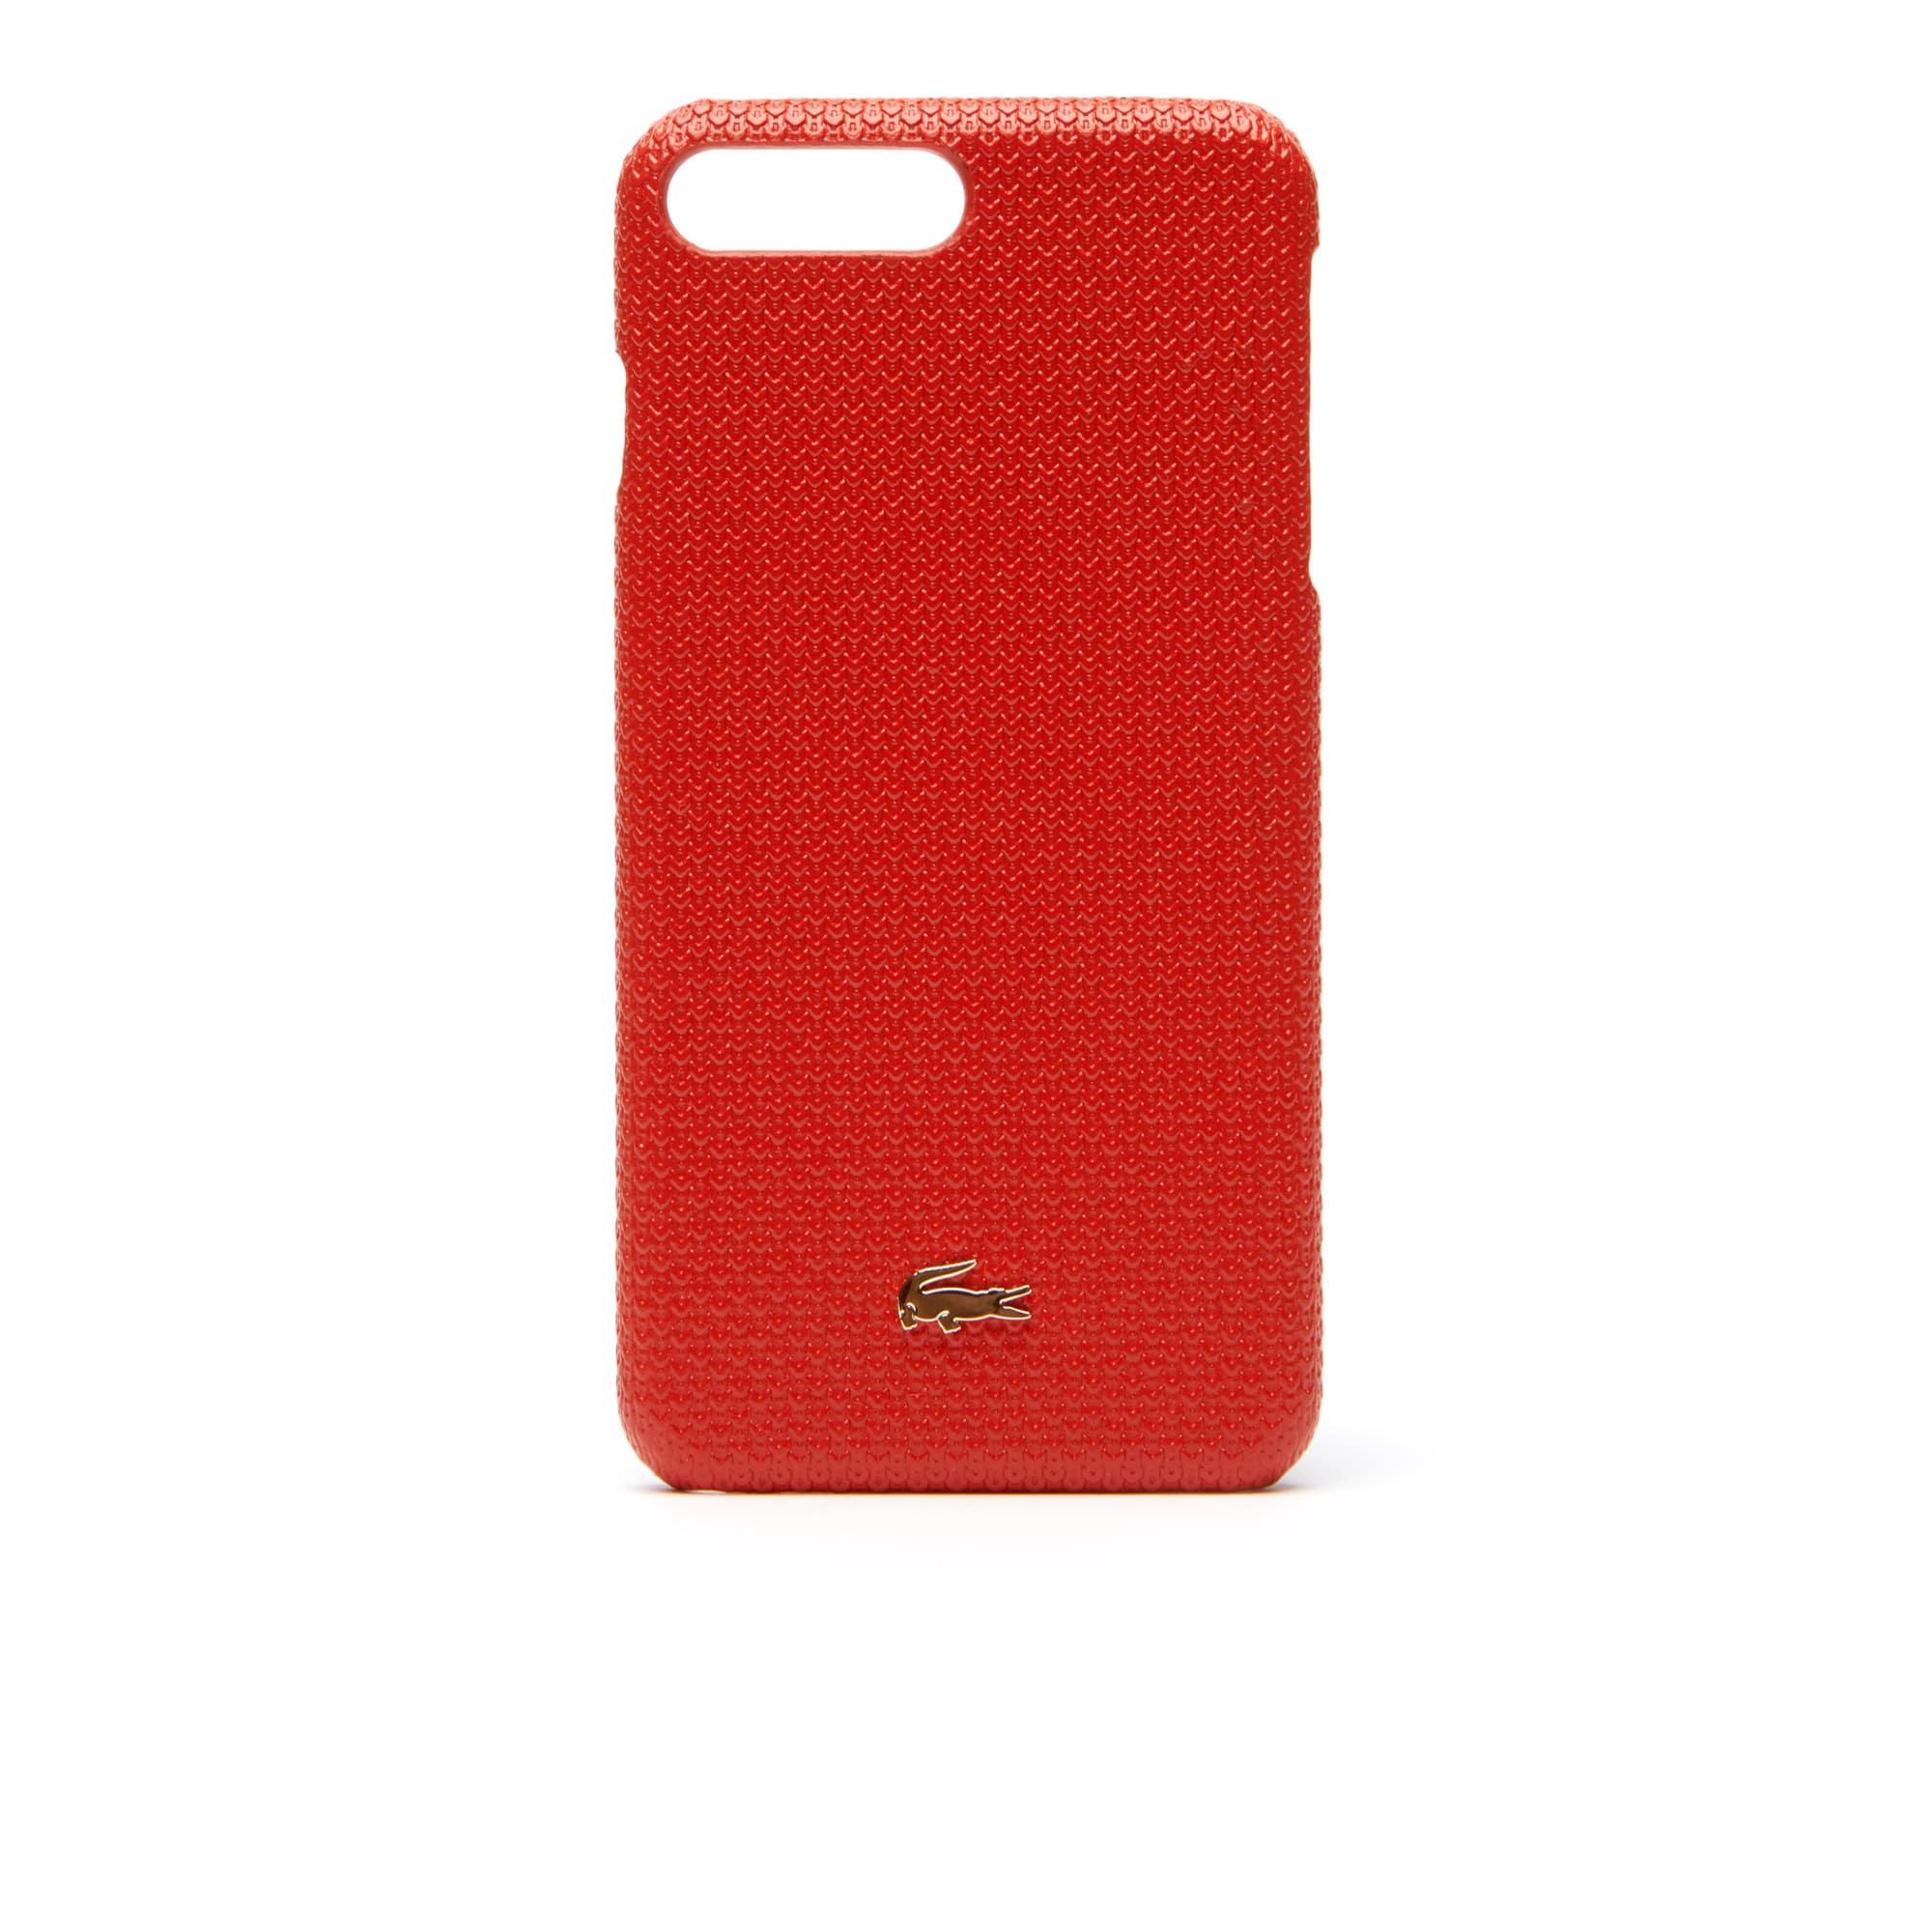 Damen iPhone 8+ Hülle CHANTACO aus Piqué-Leder